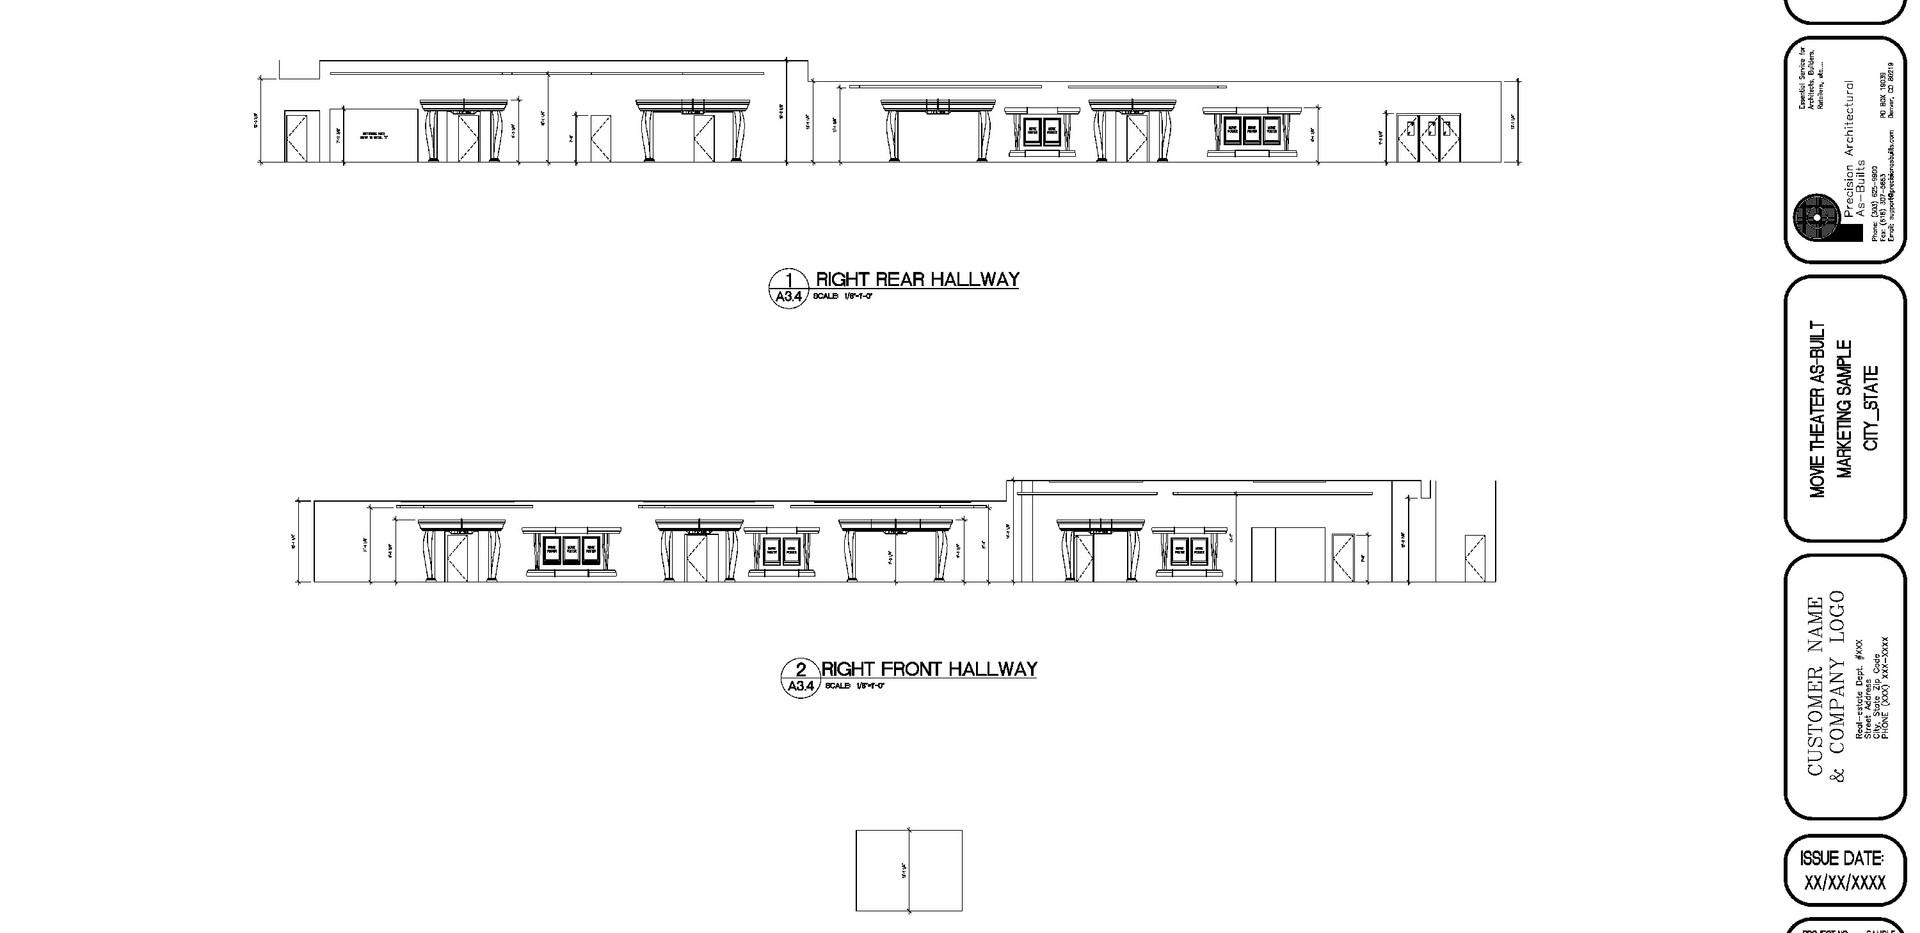 Interior Elevations A3.4